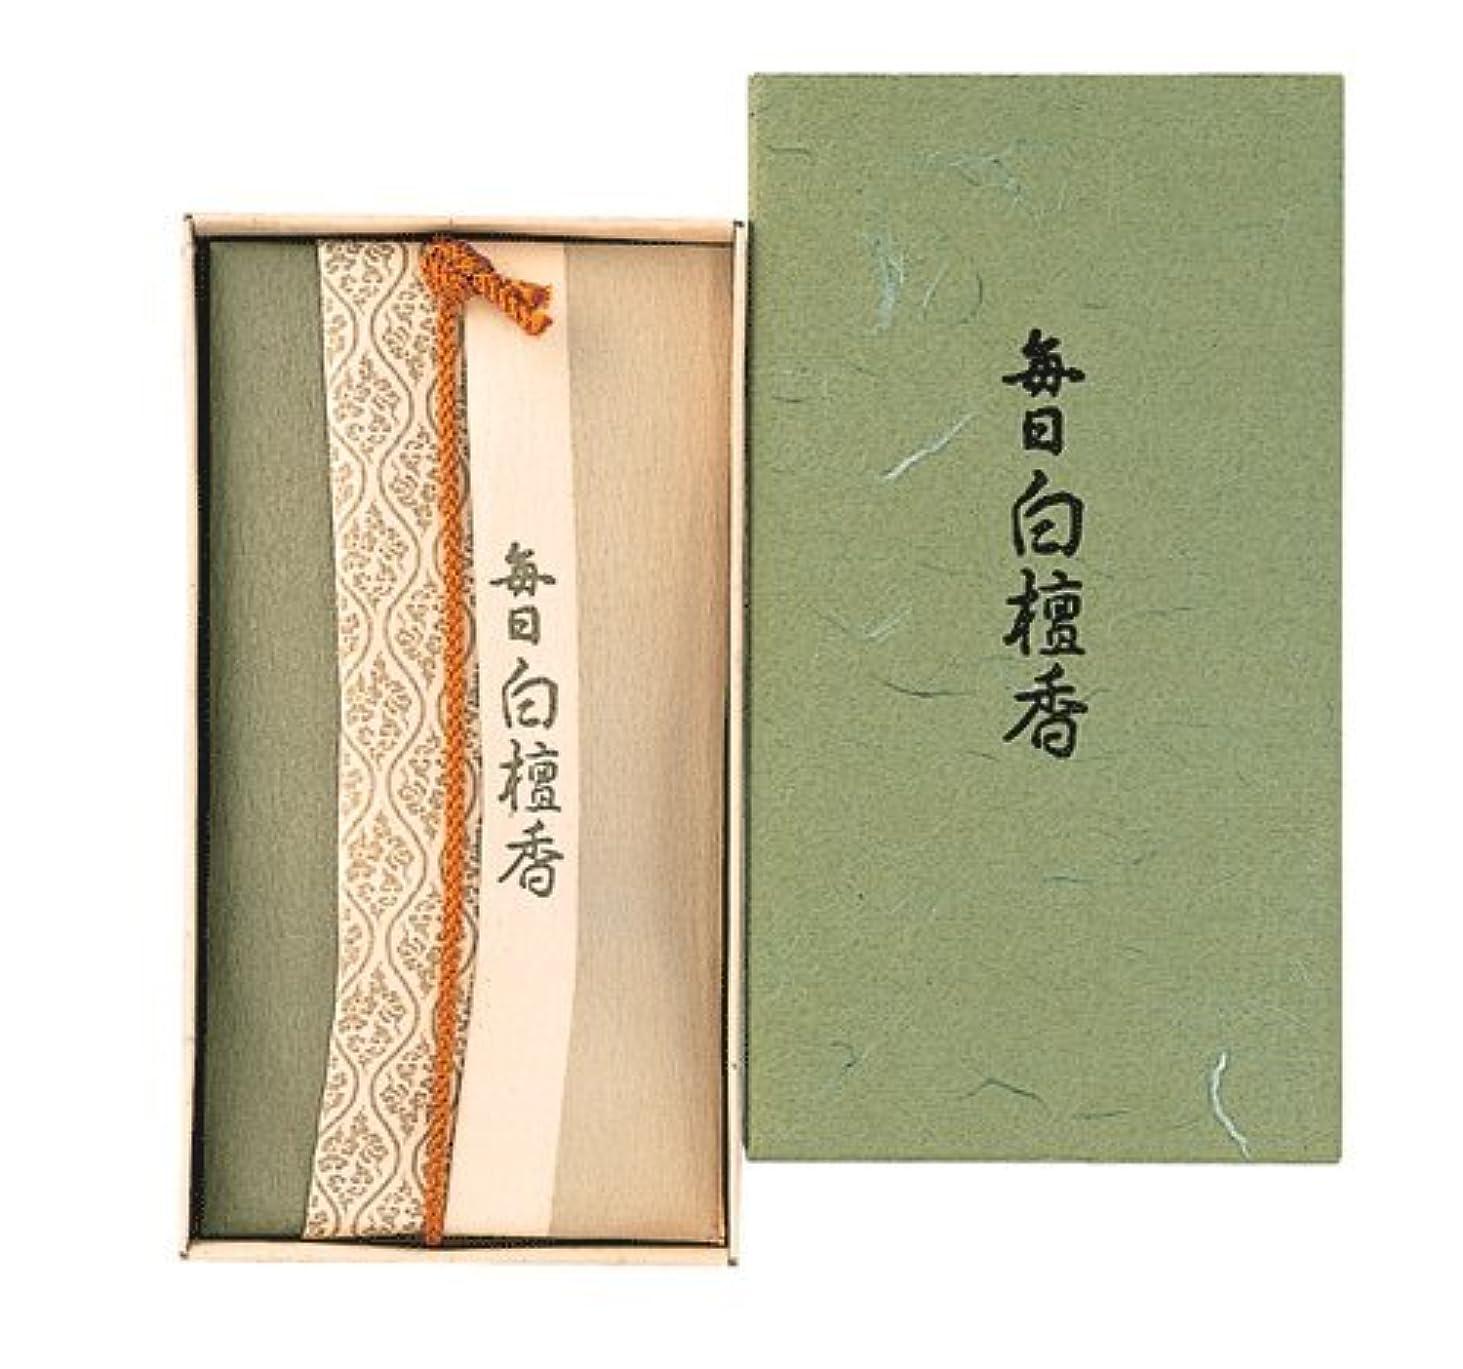 ジムリンケージ戦術香木の香りのお香 毎日白檀香 コーン24個入【お香】